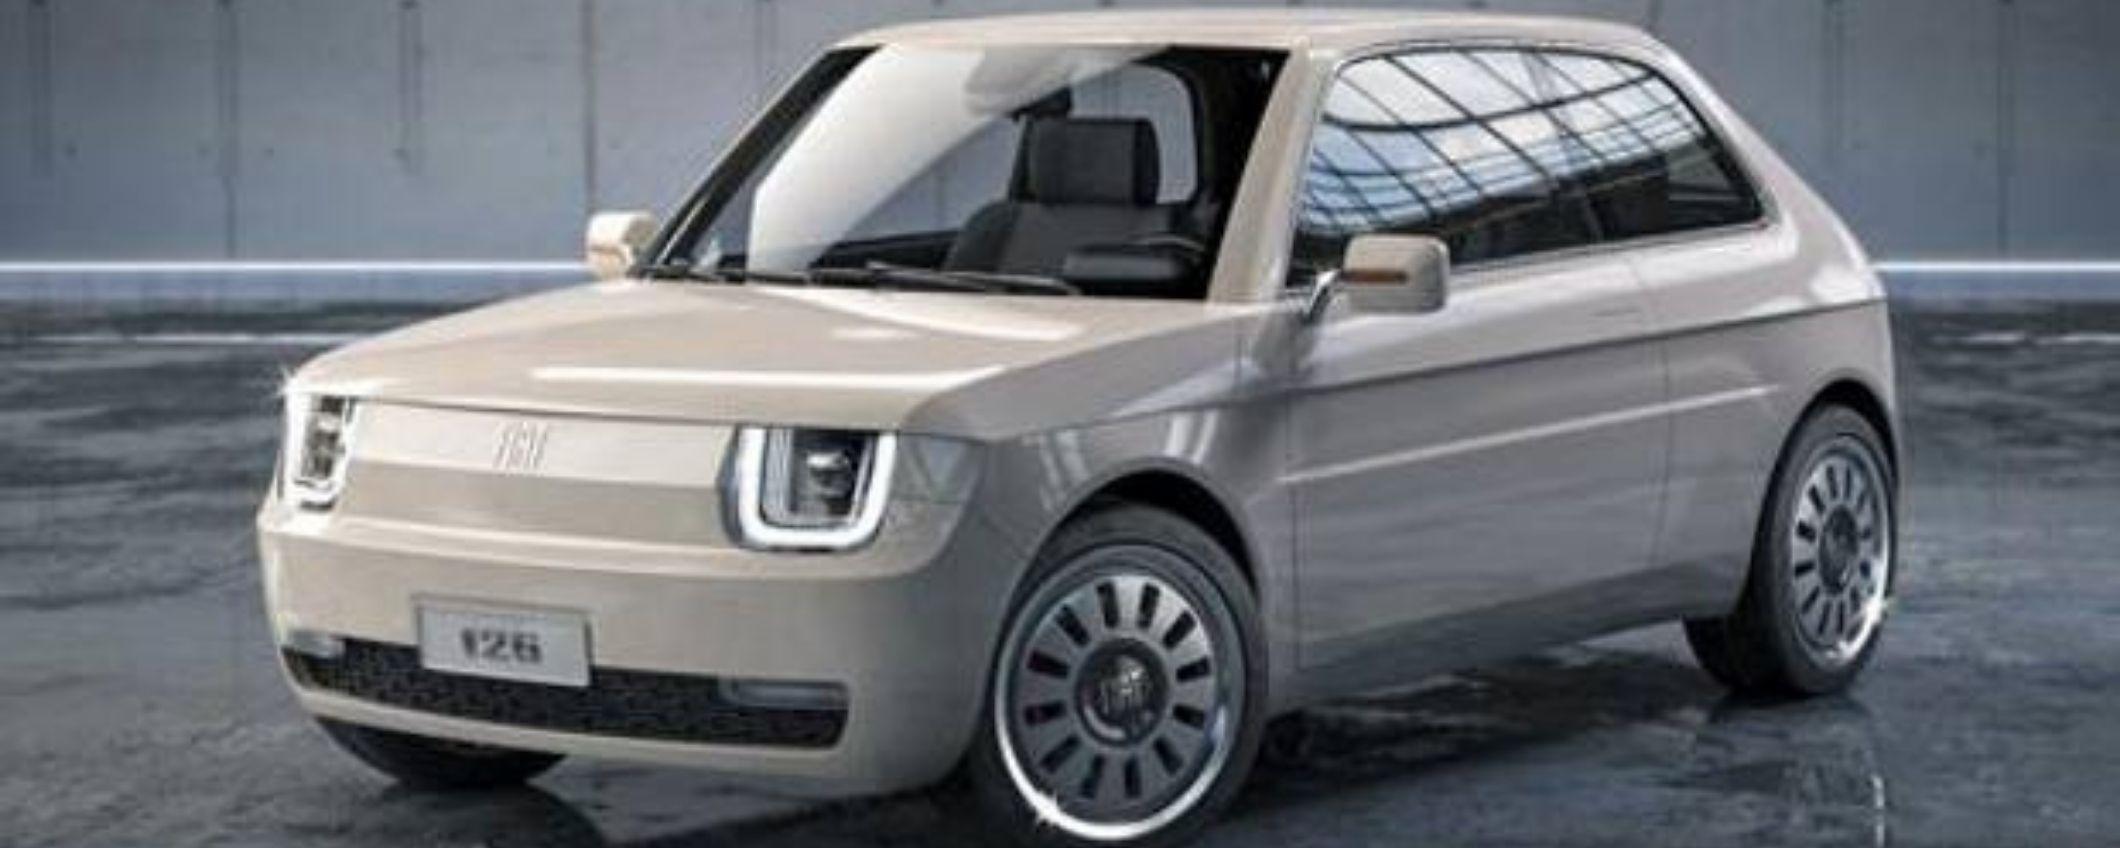 Fiat 126 Vision: la concept car EV fa sognare gli italiani